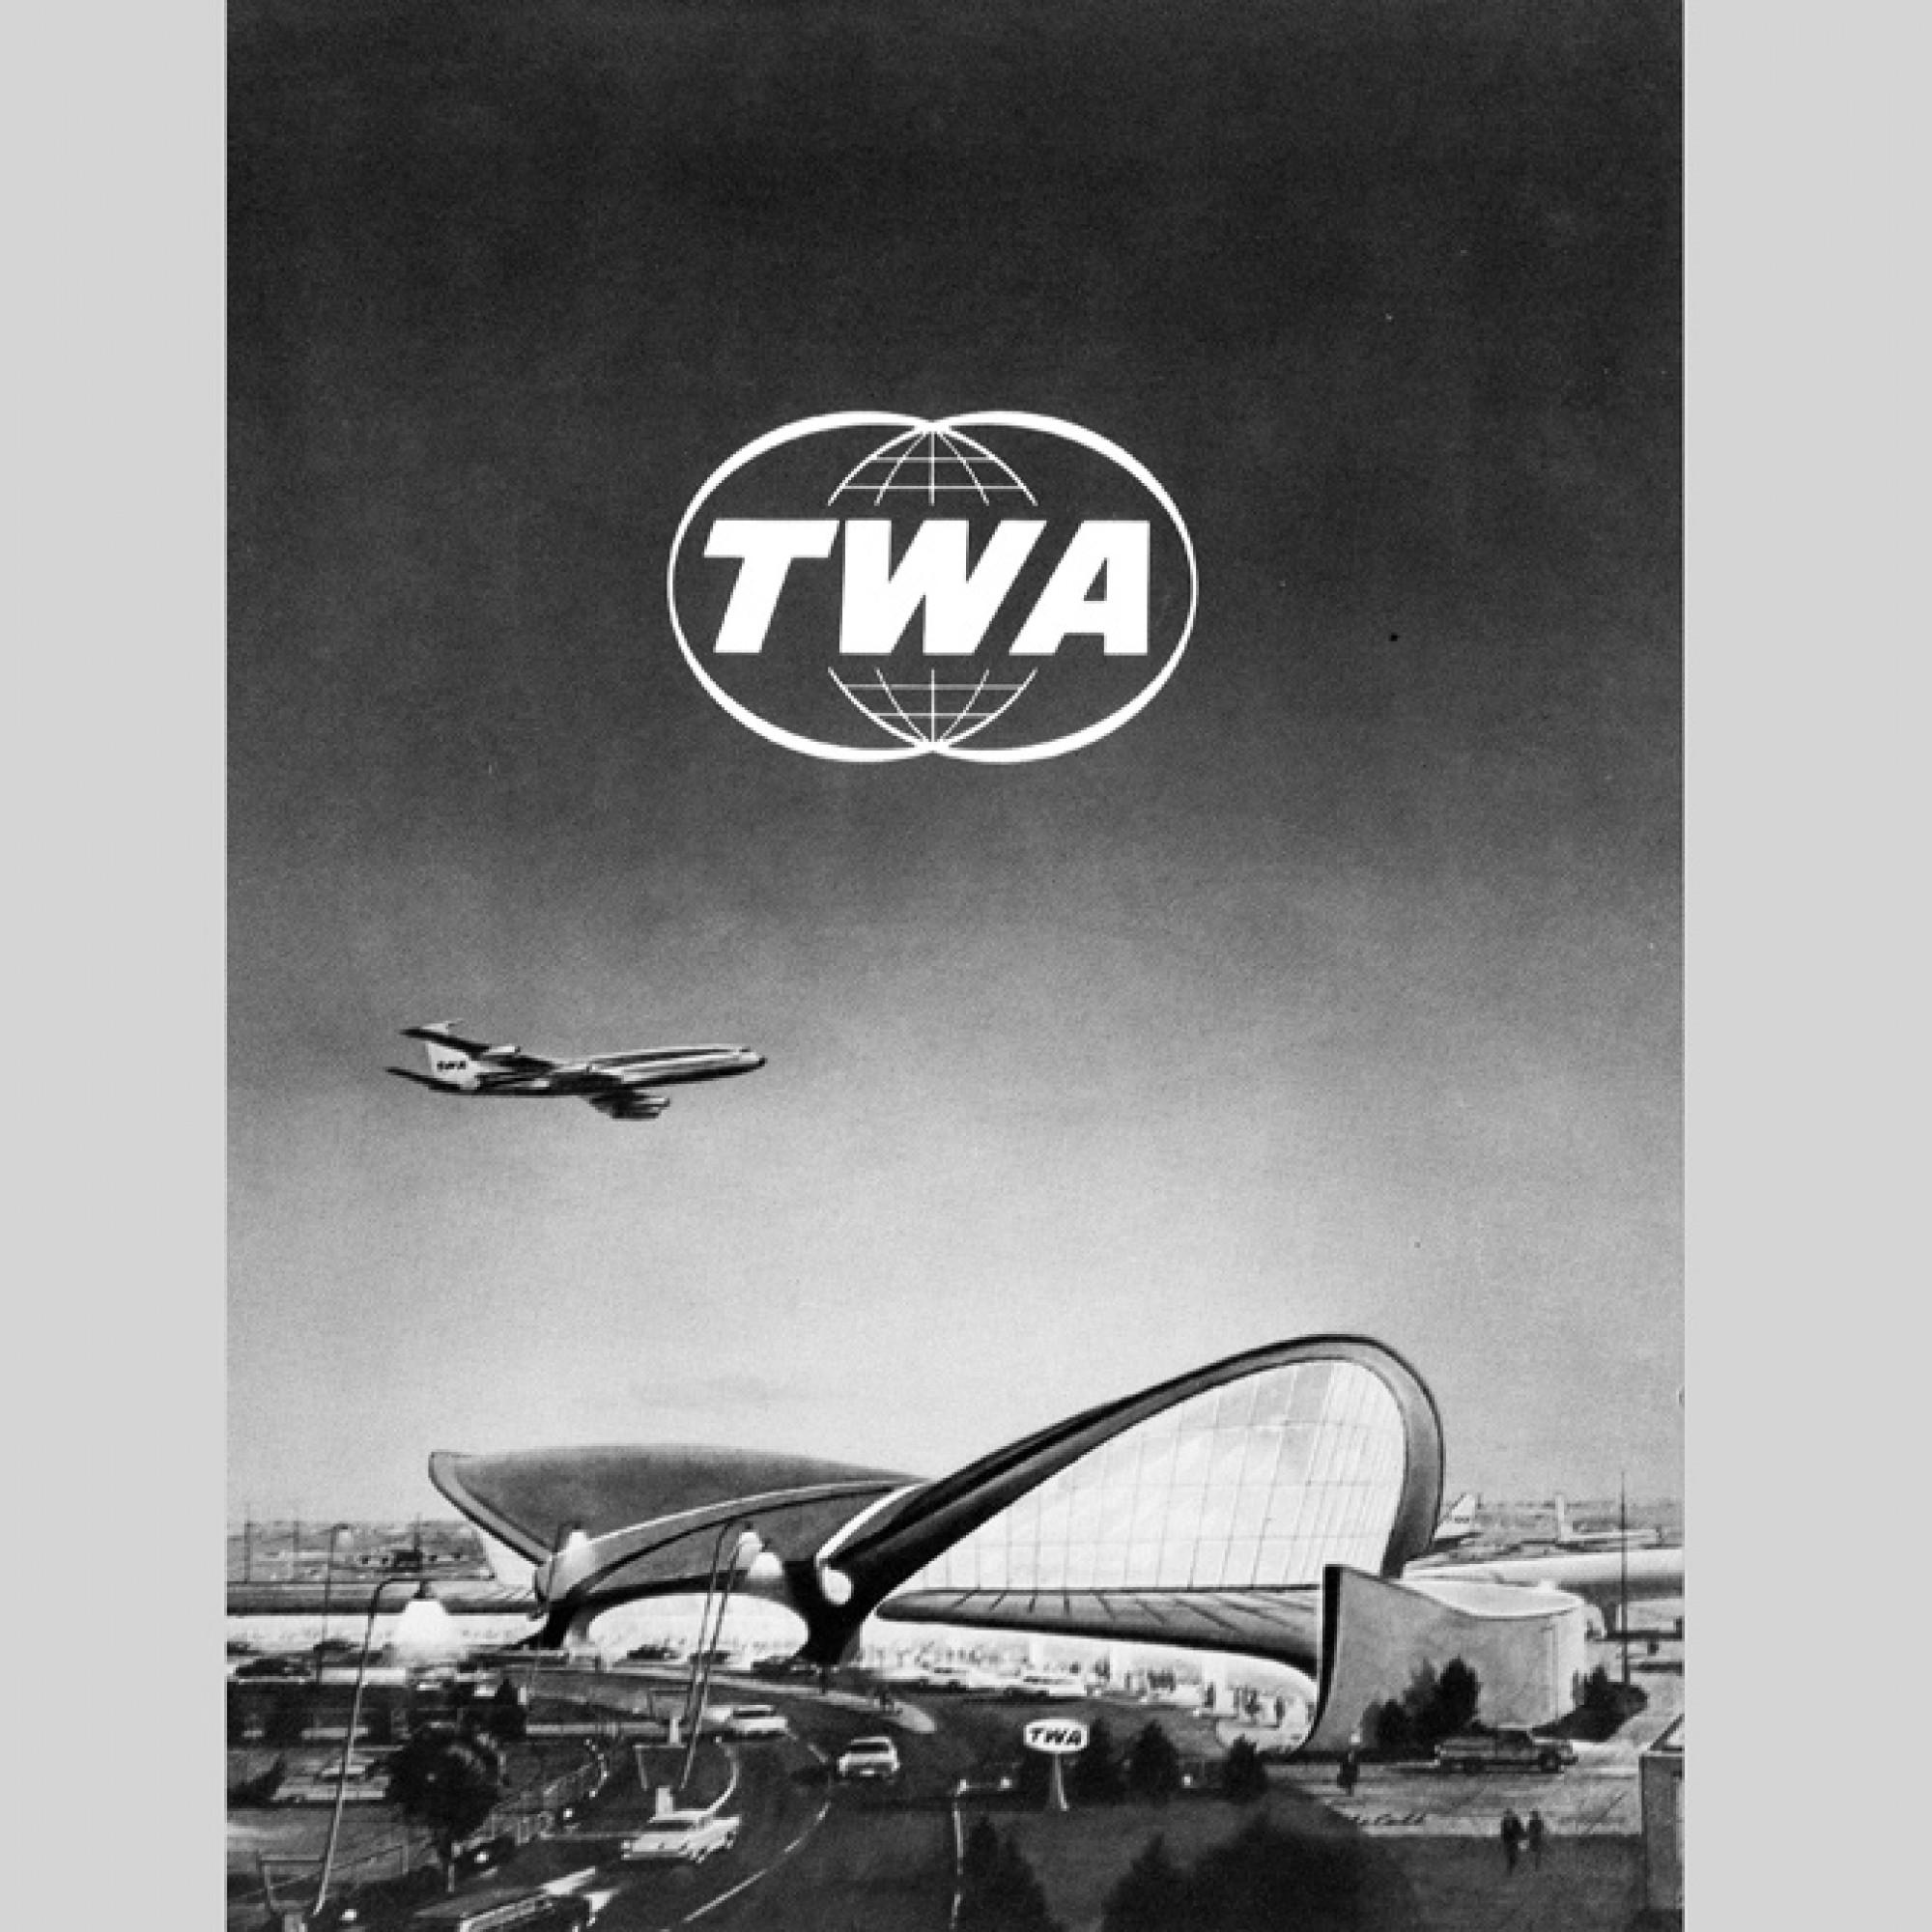 Umschlag für eine Speisekarte, TWA, circa 1962 © Illustrator ubk. / Sammlung Kornel Ringli